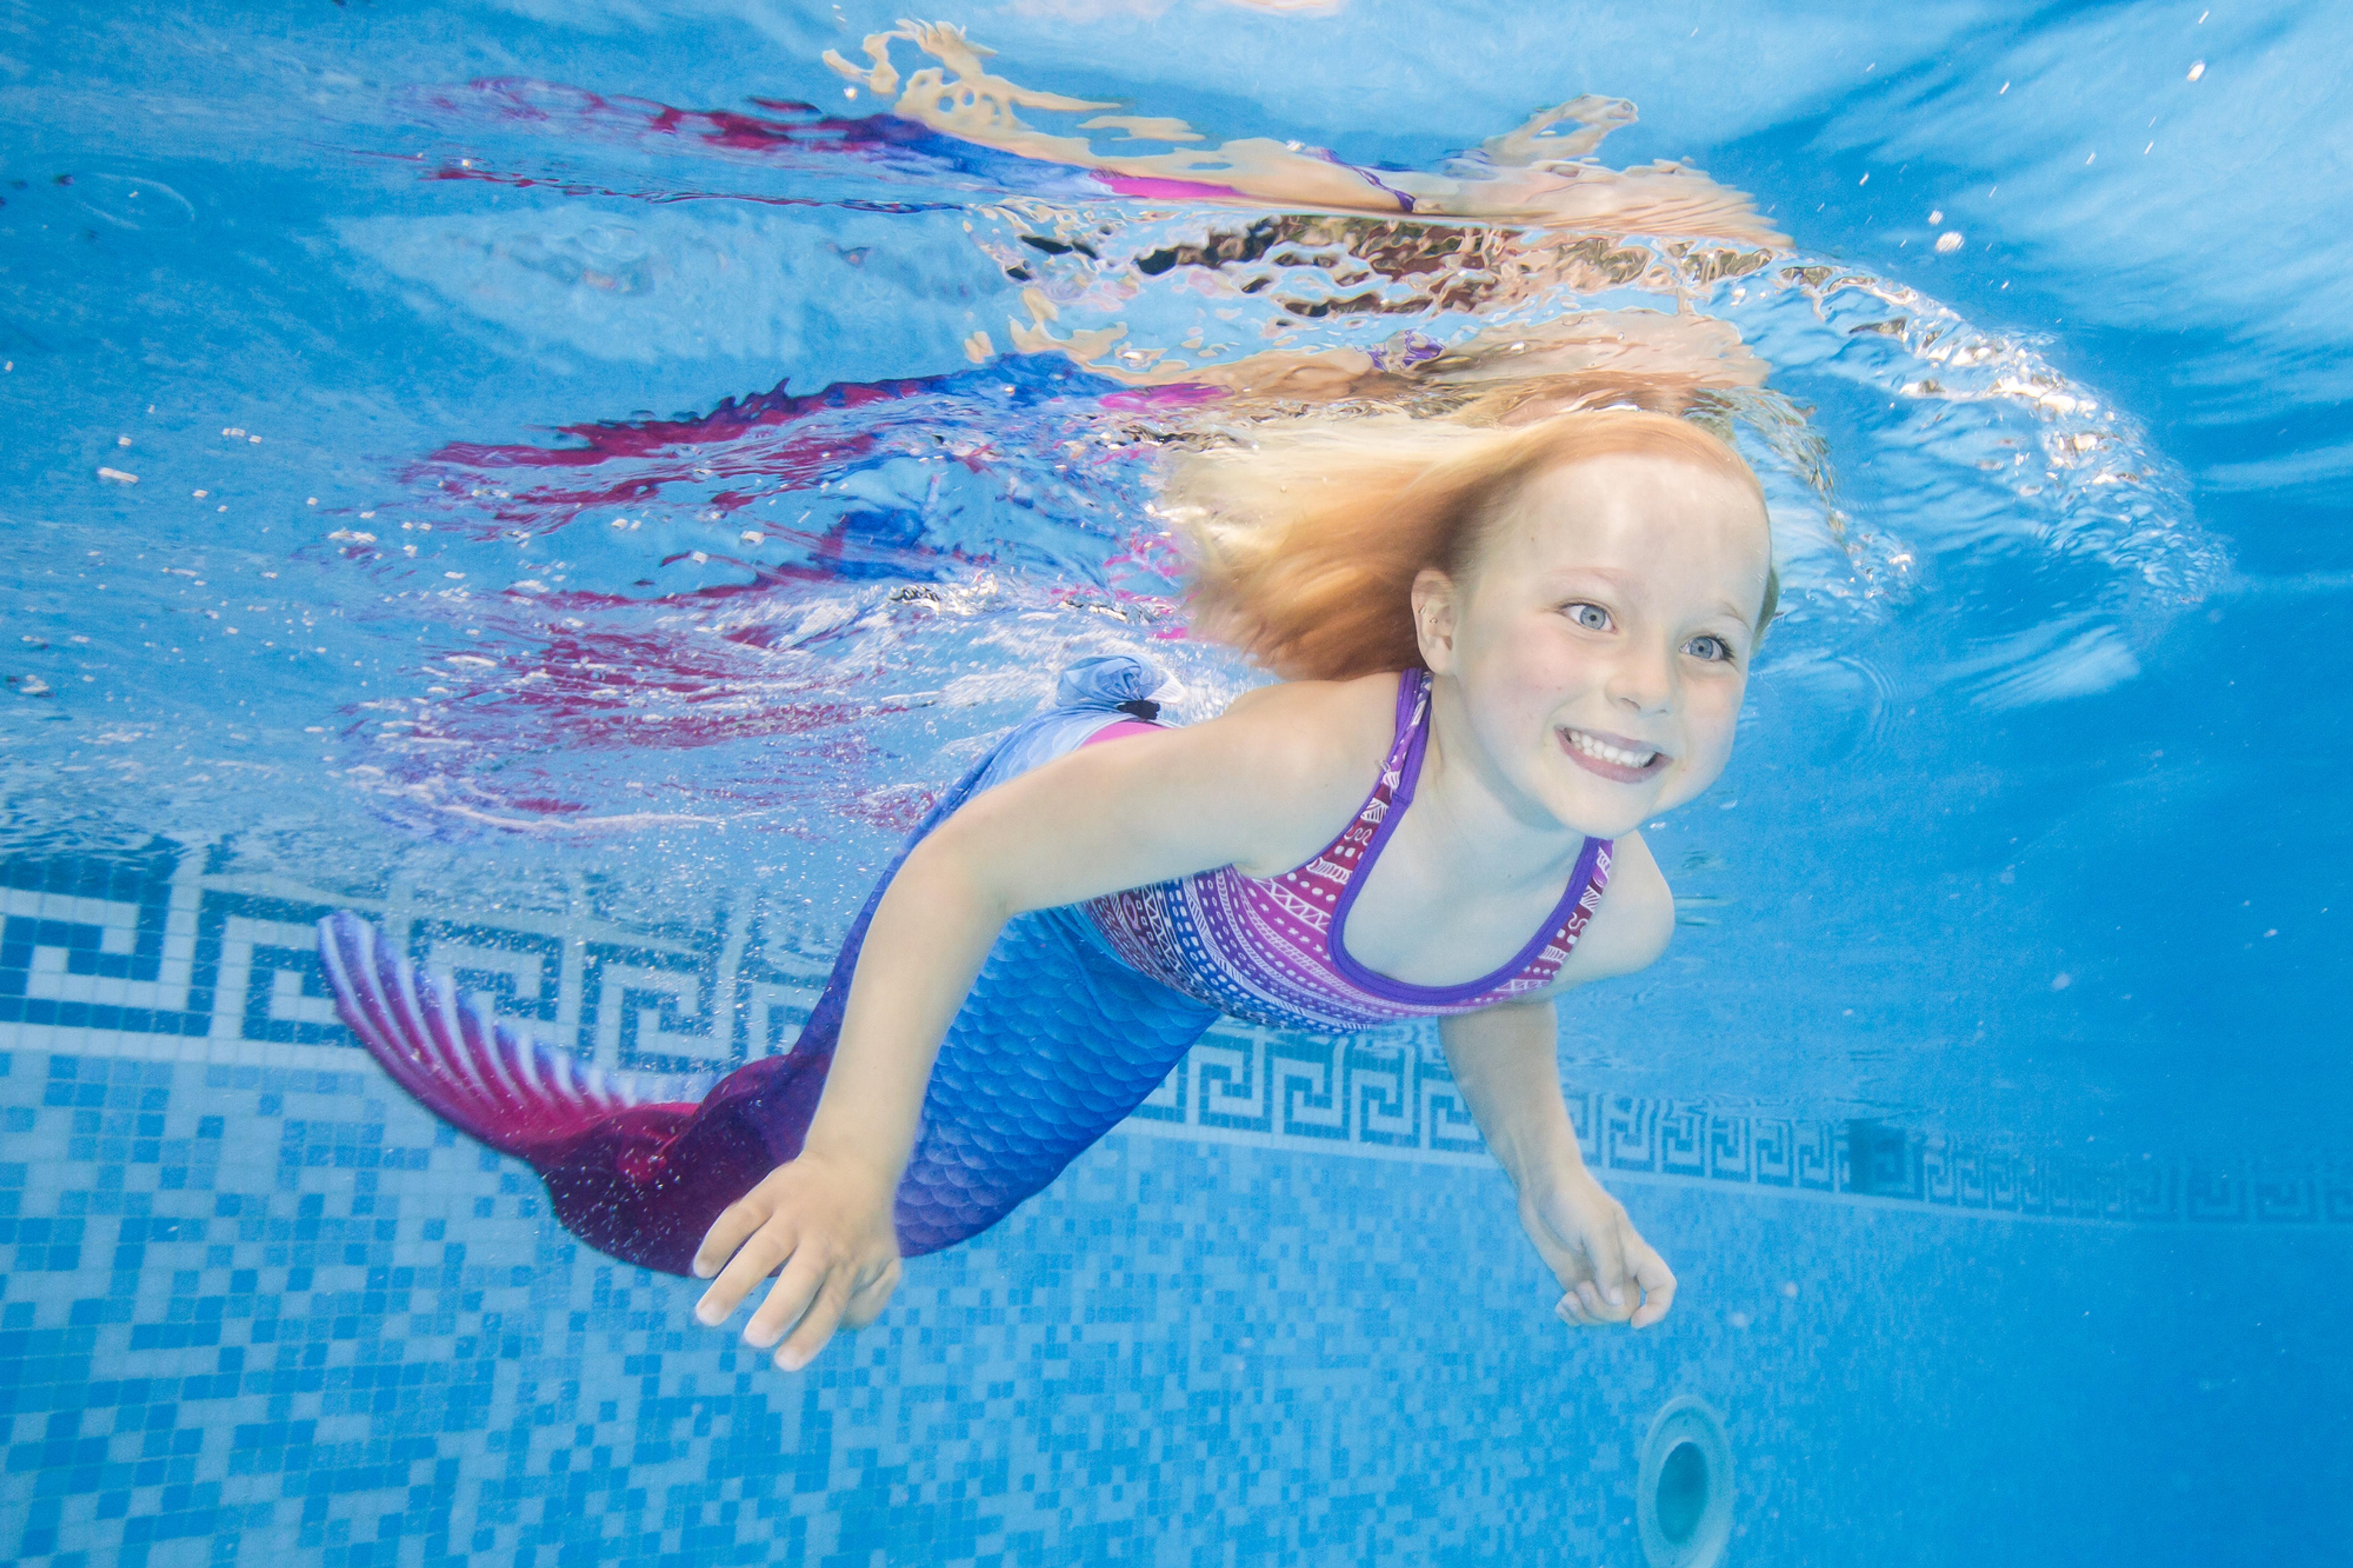 Mermaid Underwater Shoot